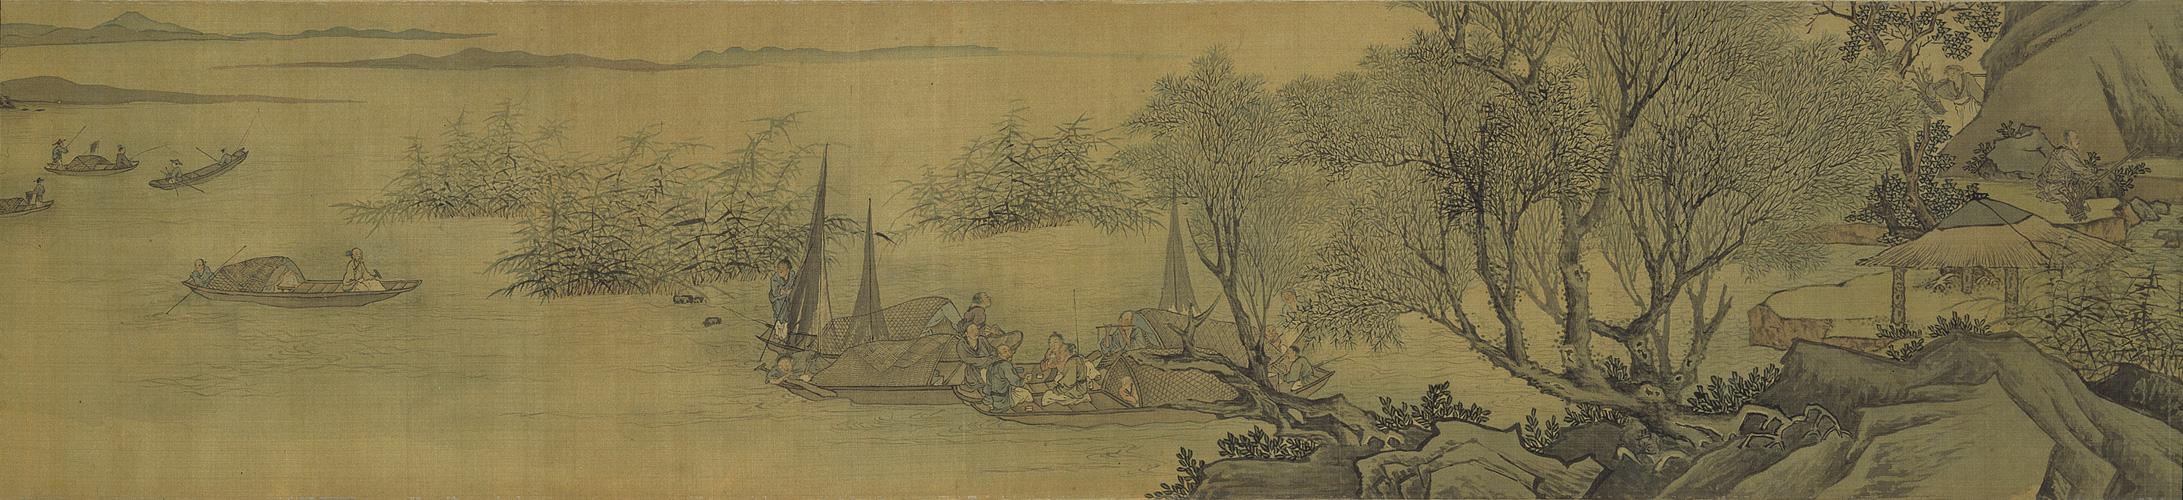 Ма Юань. Жизнь на реке.